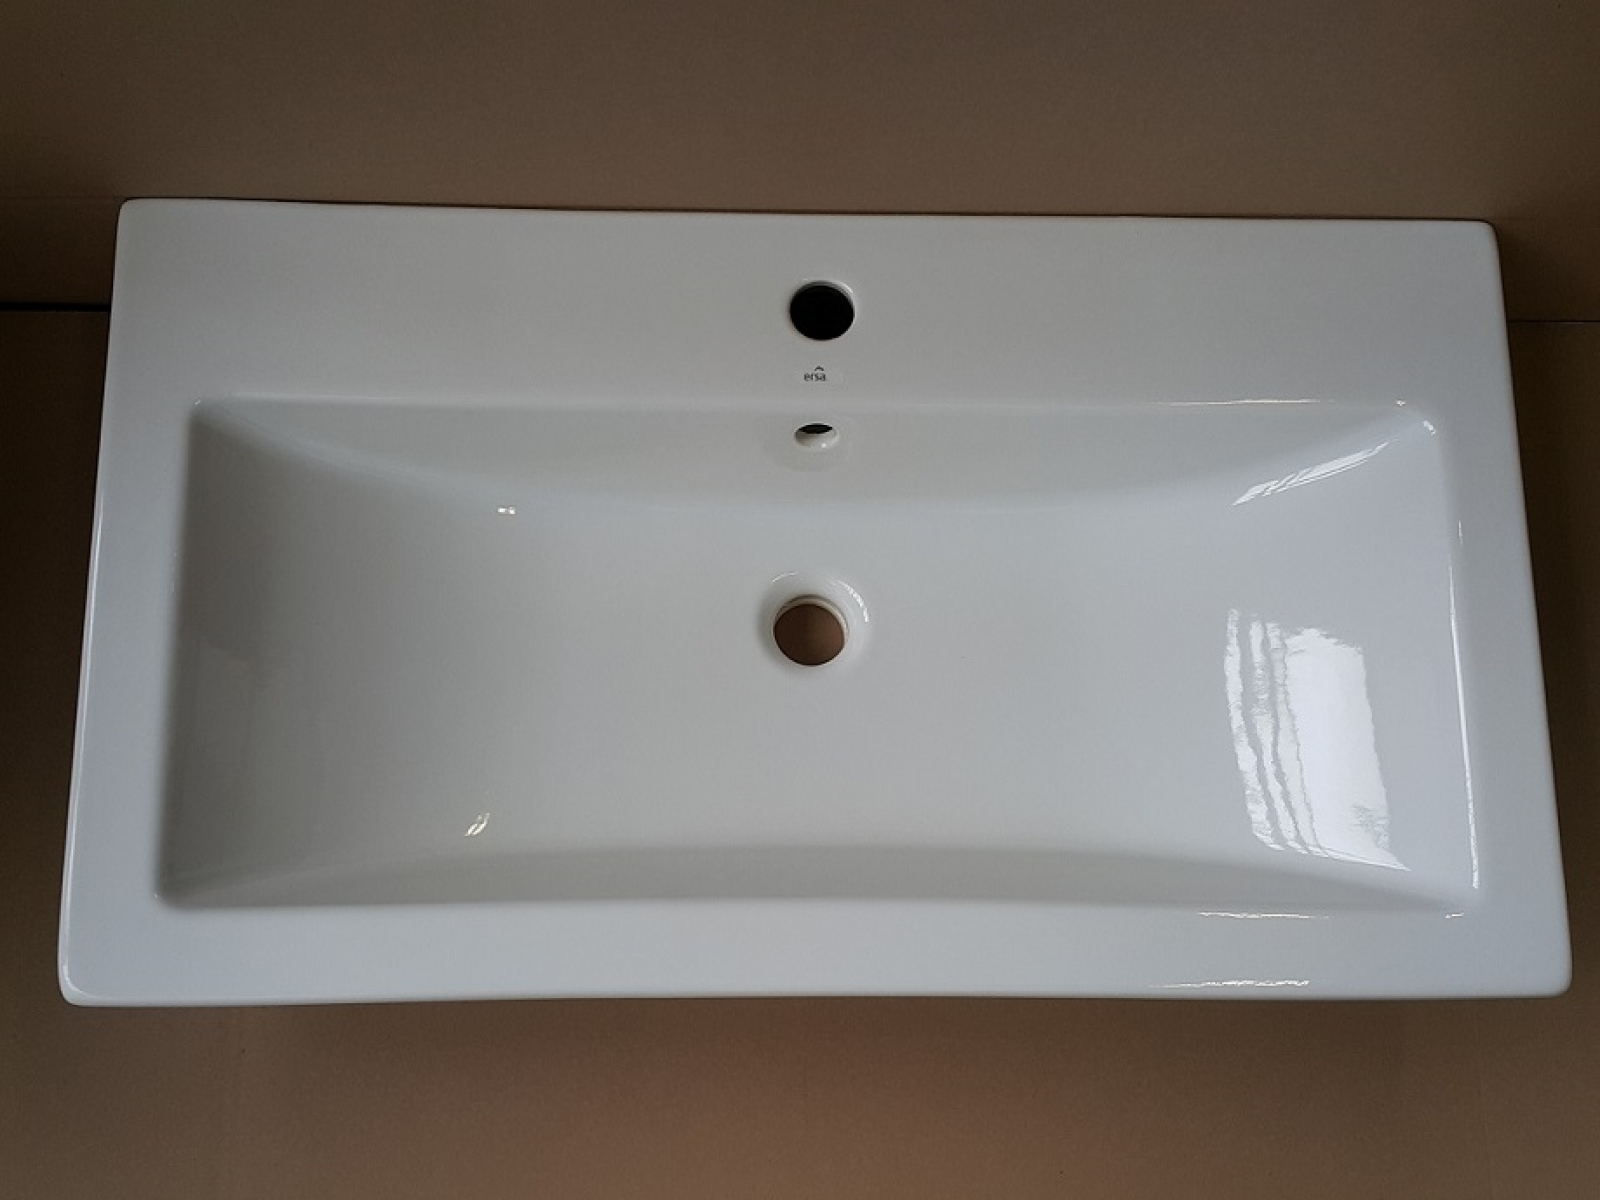 Badezimmermobel Waschbecken.Kaufexpert Badmobel Set Werner Xxl 1 Wenge Keramik Waschbecken